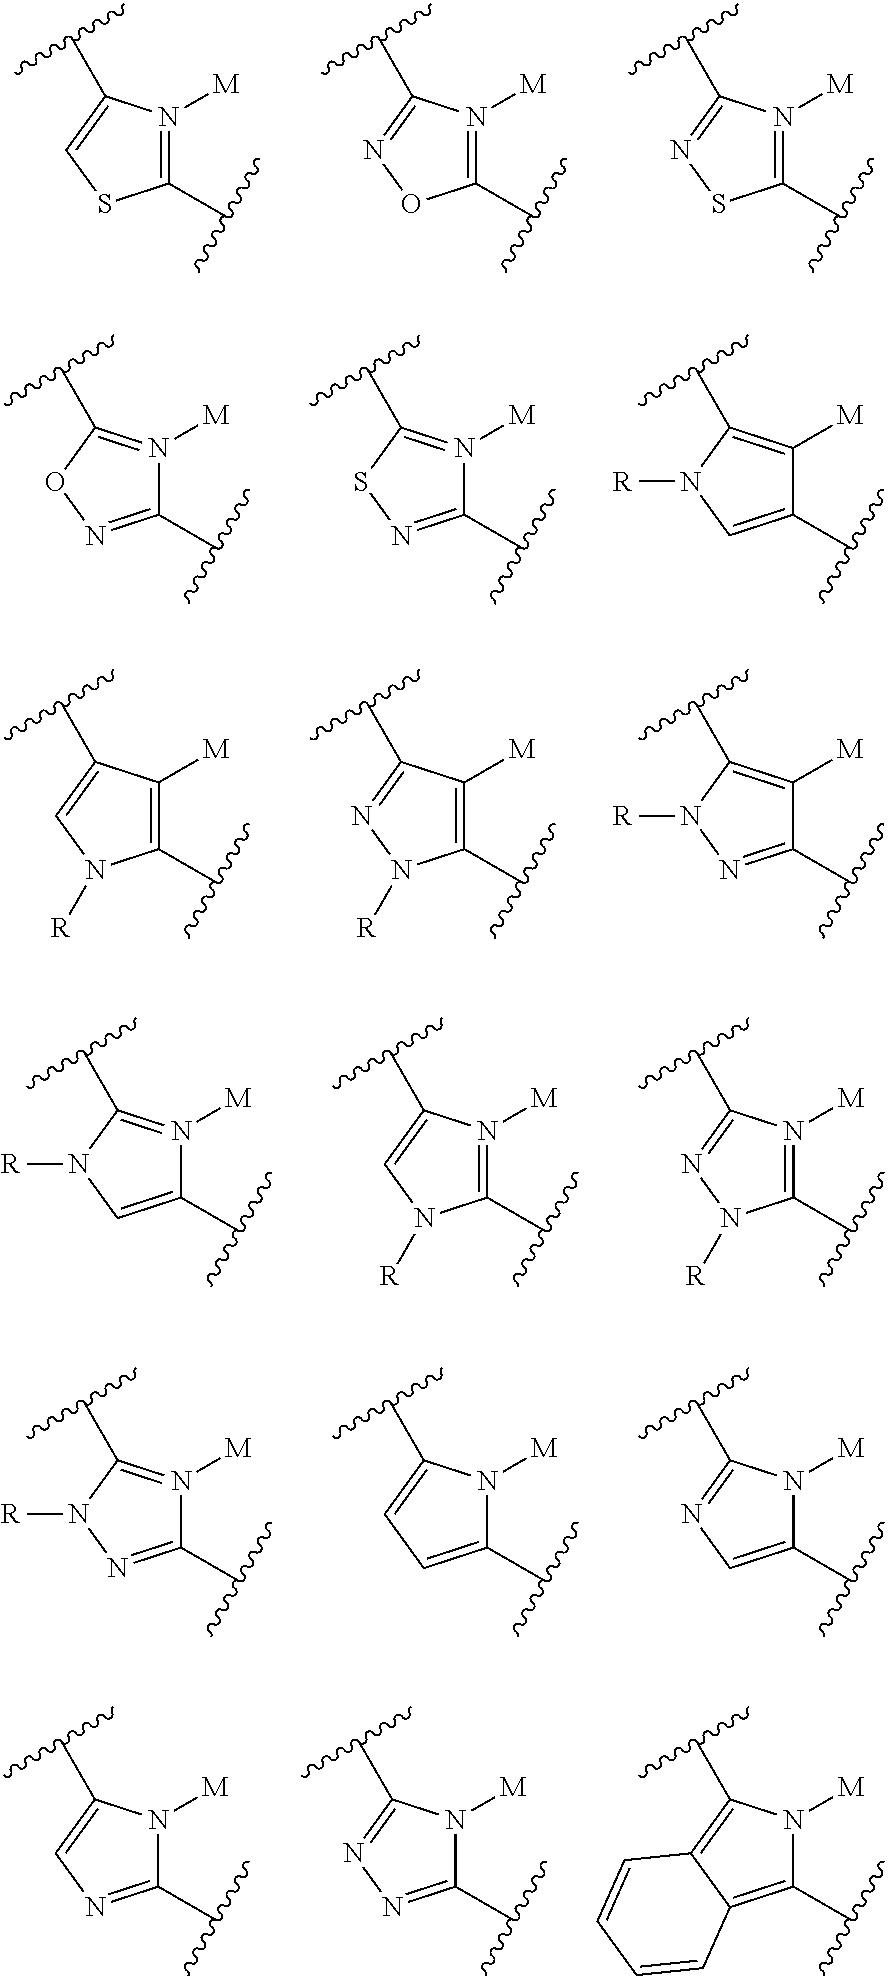 Figure US09818959-20171114-C00051